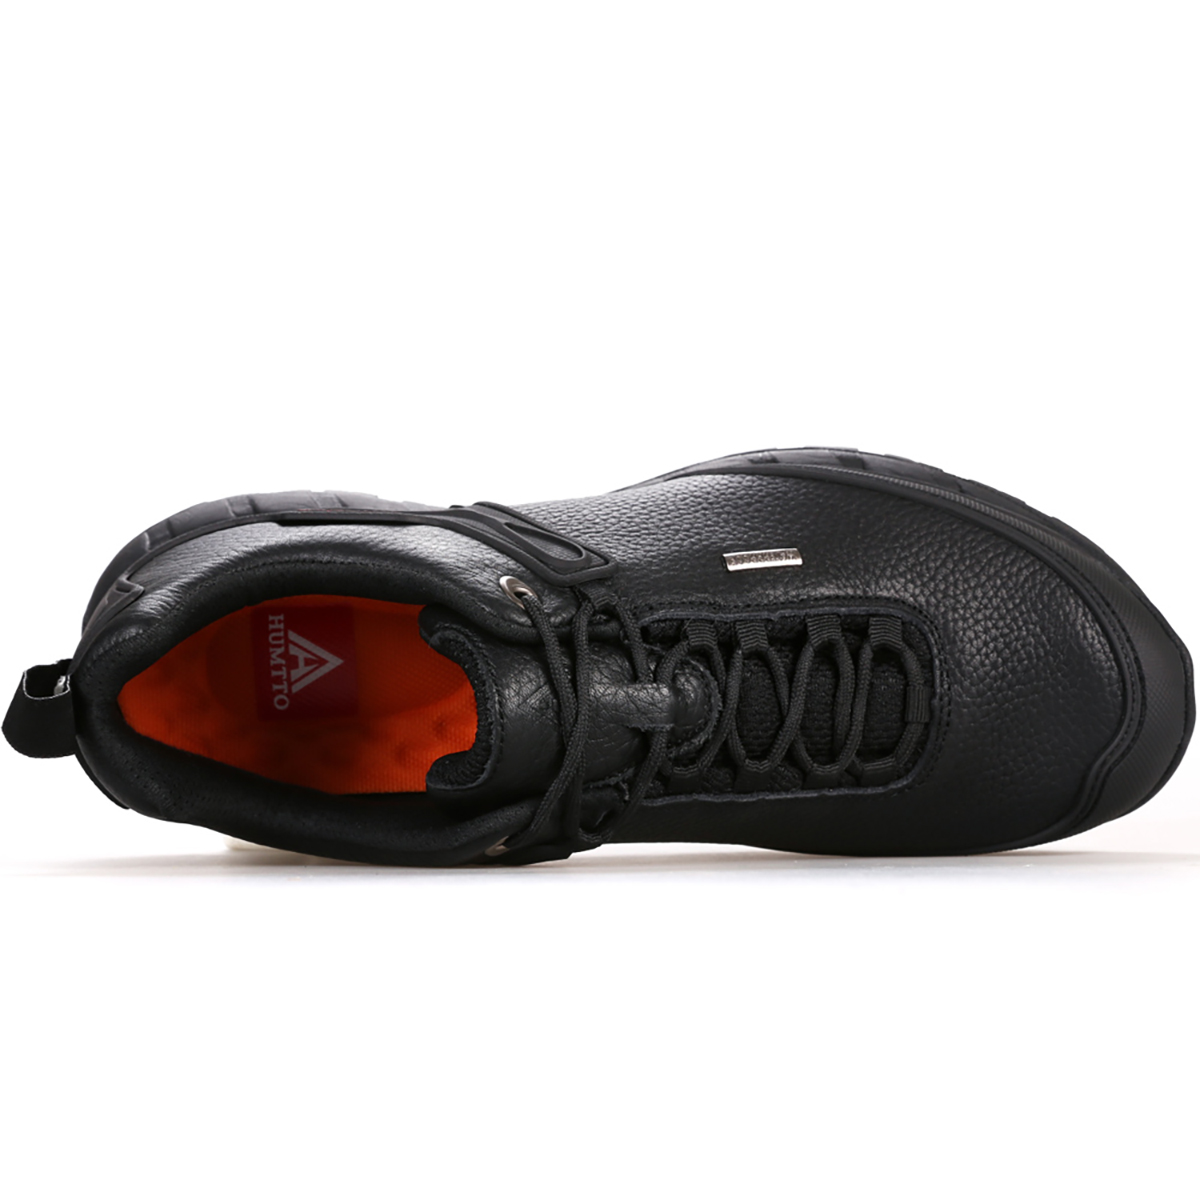 Offre Respirant Homme Automne Sneakers Luxe Black Pour Cuir Spéciale Blue Hiver Designer Dentelle Marque up En Chaussures dark De Casual Hommes 2018 Véritable rSrgTz